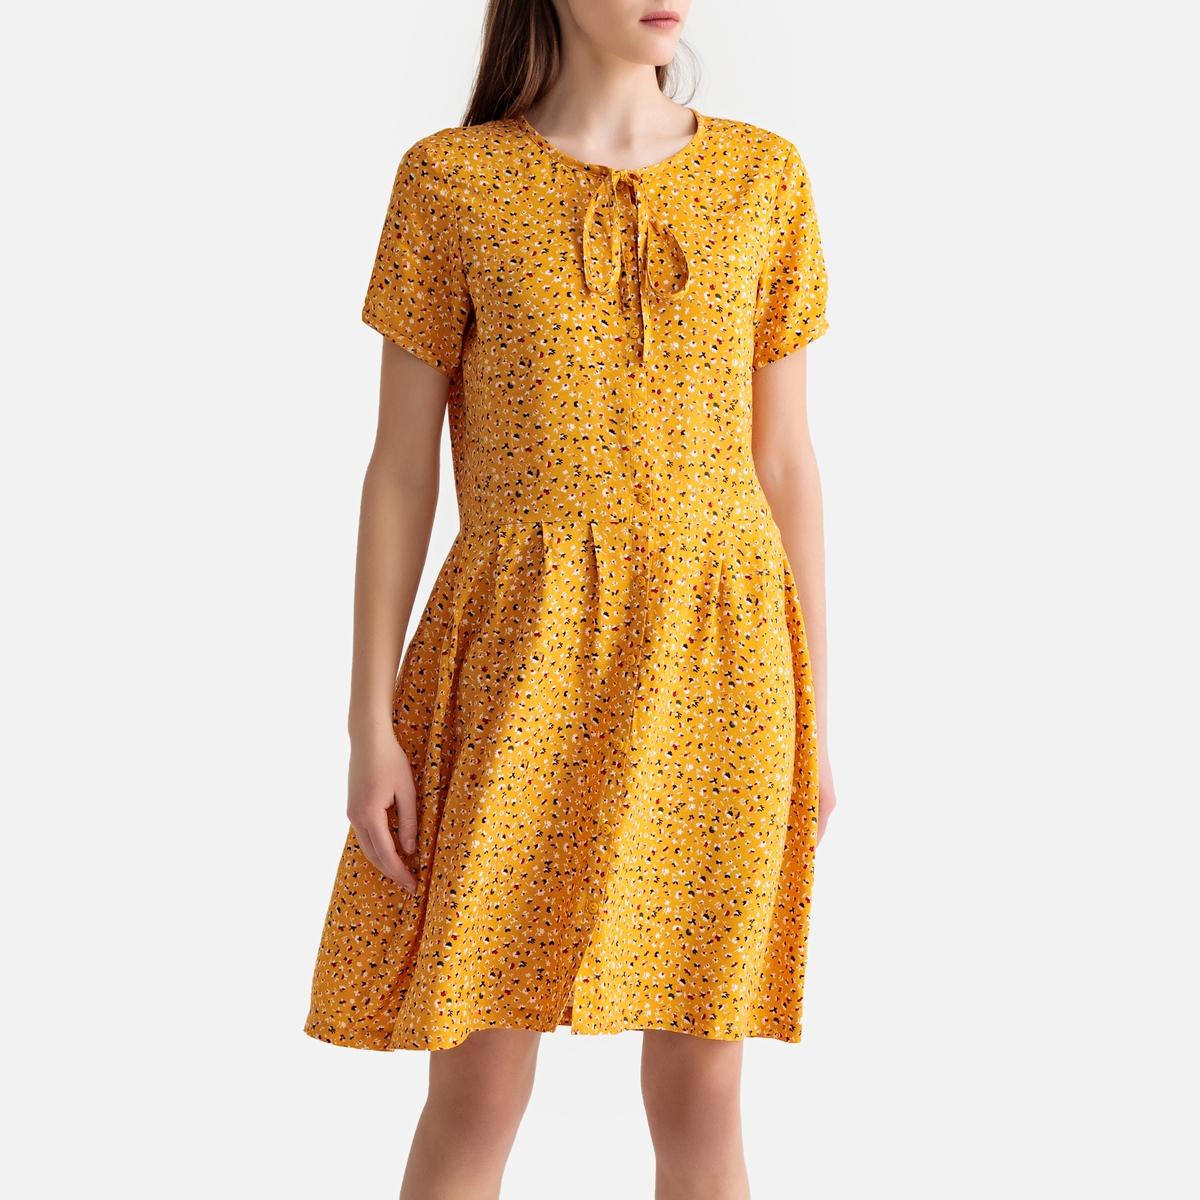 Платье La Redoute Короткое расклешенное с графическим рисунком S оранжевый платье короткое с графическим рисунком без рукавов